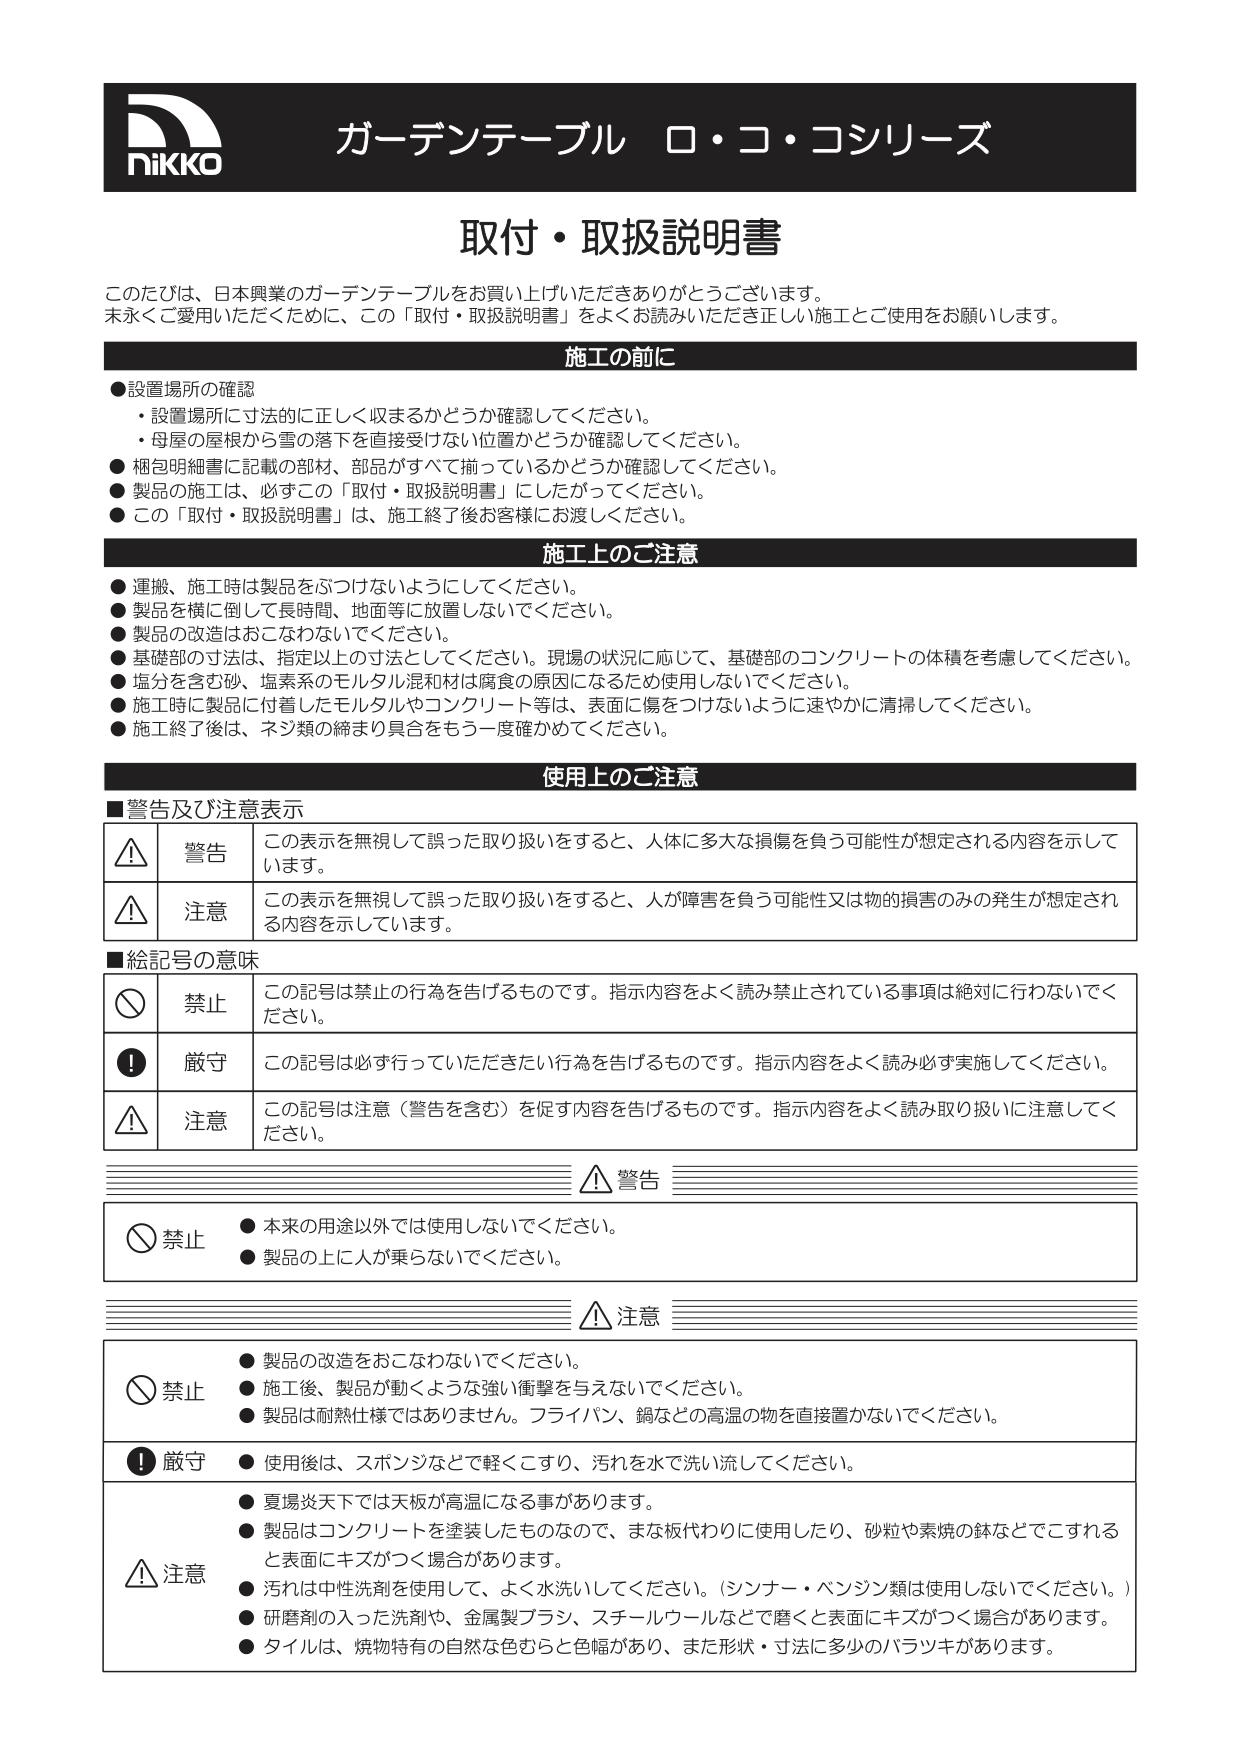 ガーデンテーブル ロココ 取扱説明書_page-0001